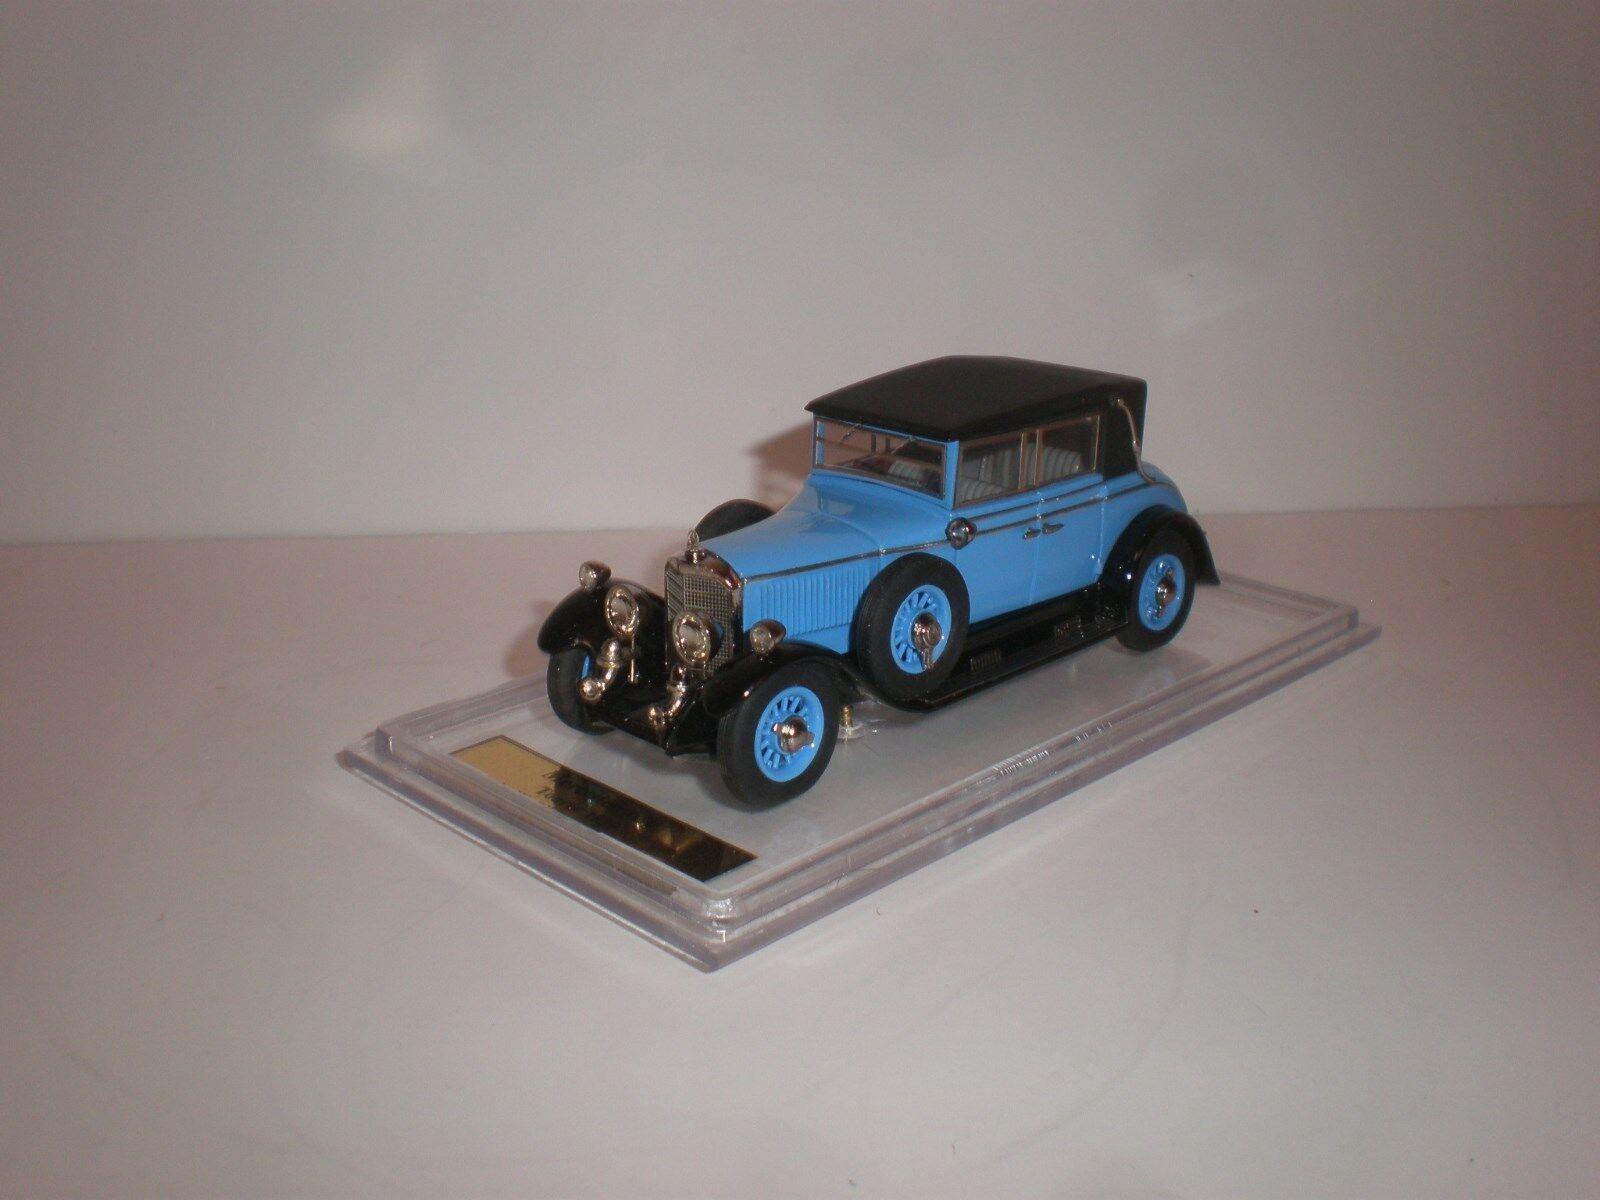 trova il tuo preferito qui 1 43 1927- 1927- 1927- 1928  Mercedes Benz Typ 630 Converdeible top up  promozioni eccitanti